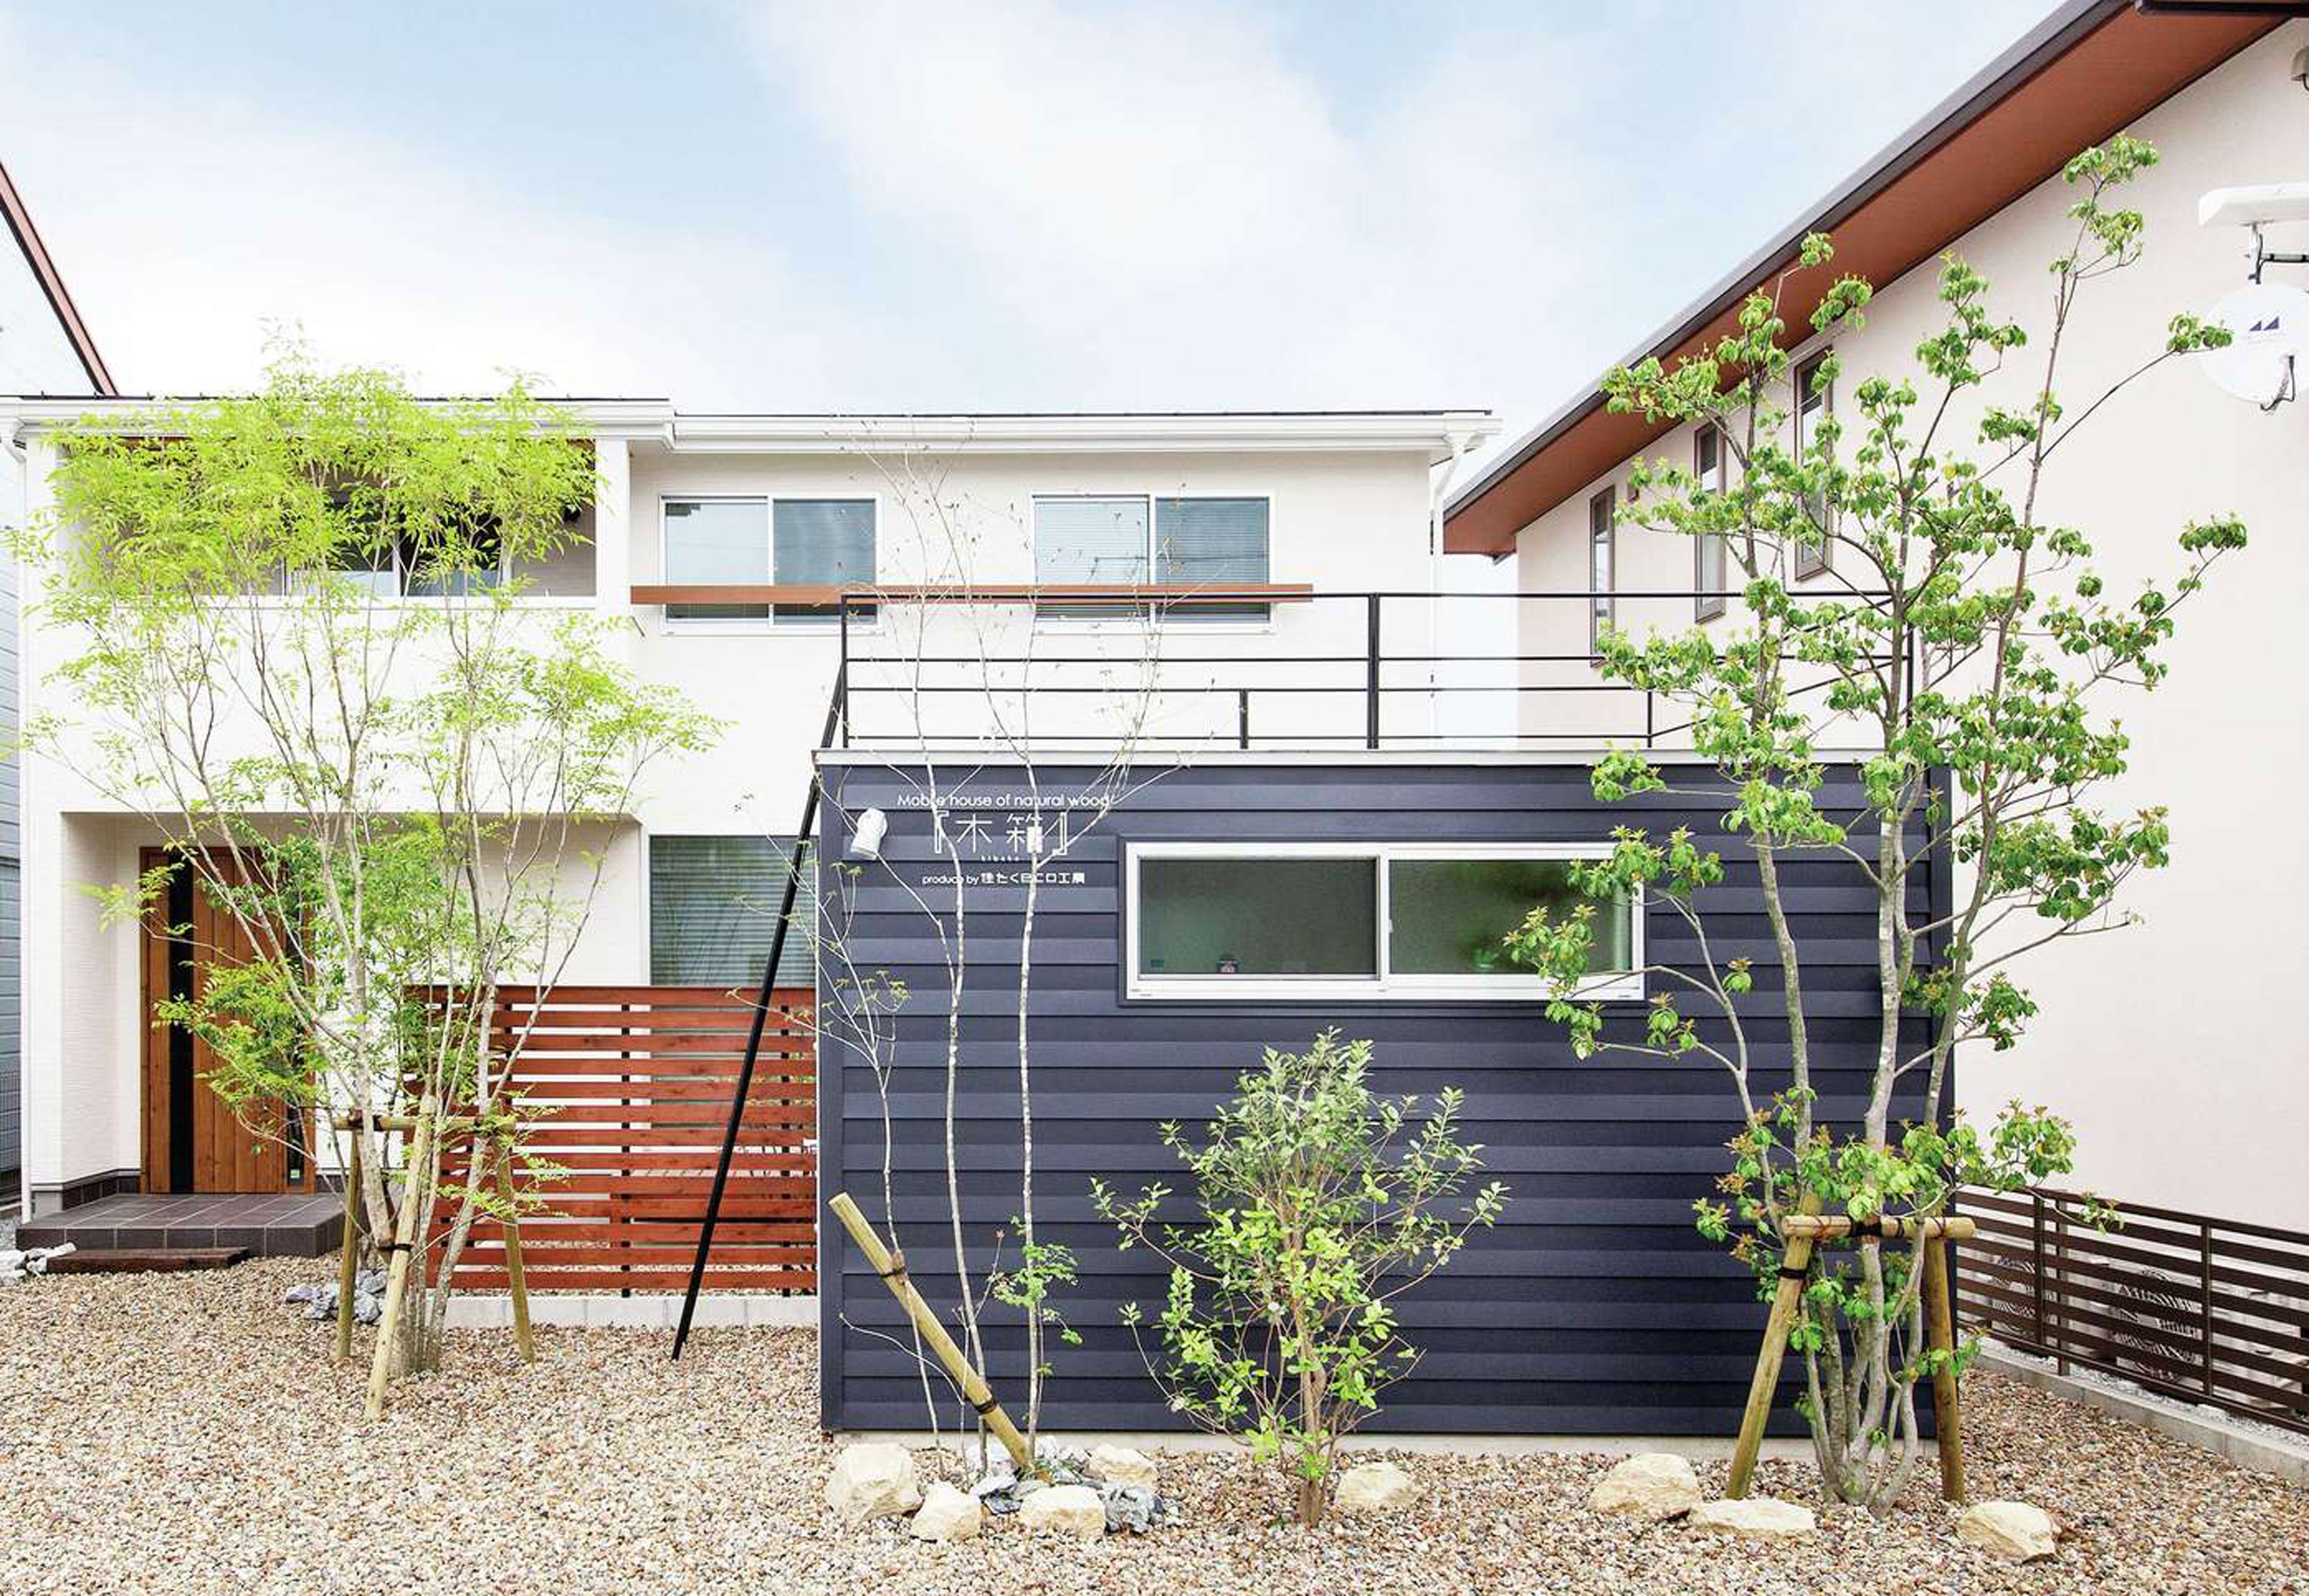 庭と「離れ」のある暮らしを楽しむT邸。季節を感じる植栽、エクステリアまでトータルにプロデュース